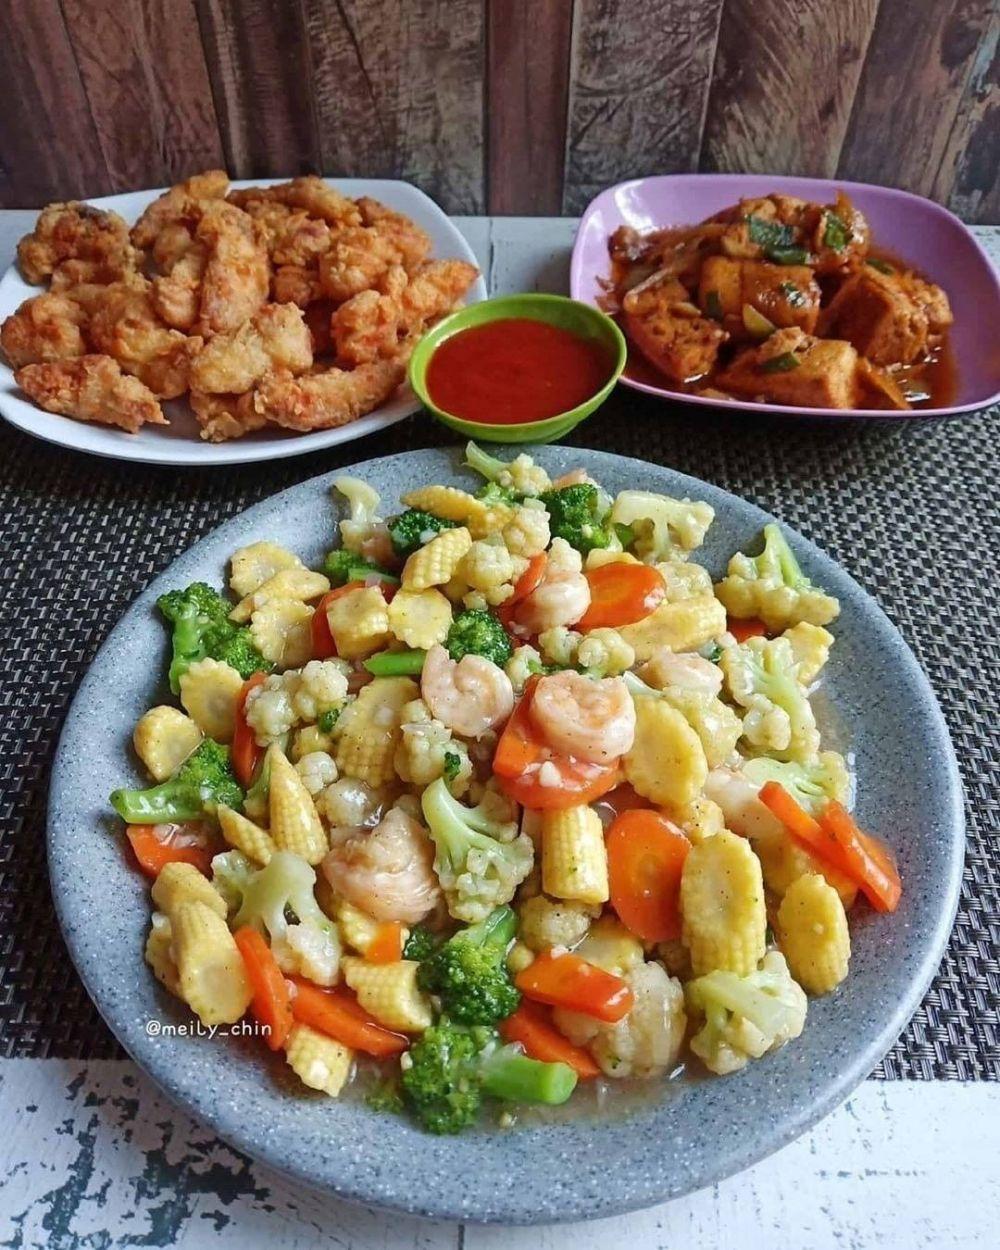 Resep Masakan Menu Buka Puasa Ramadhan Instagram Di 2020 Resep Masakan Masakan Resep Masakan Cina